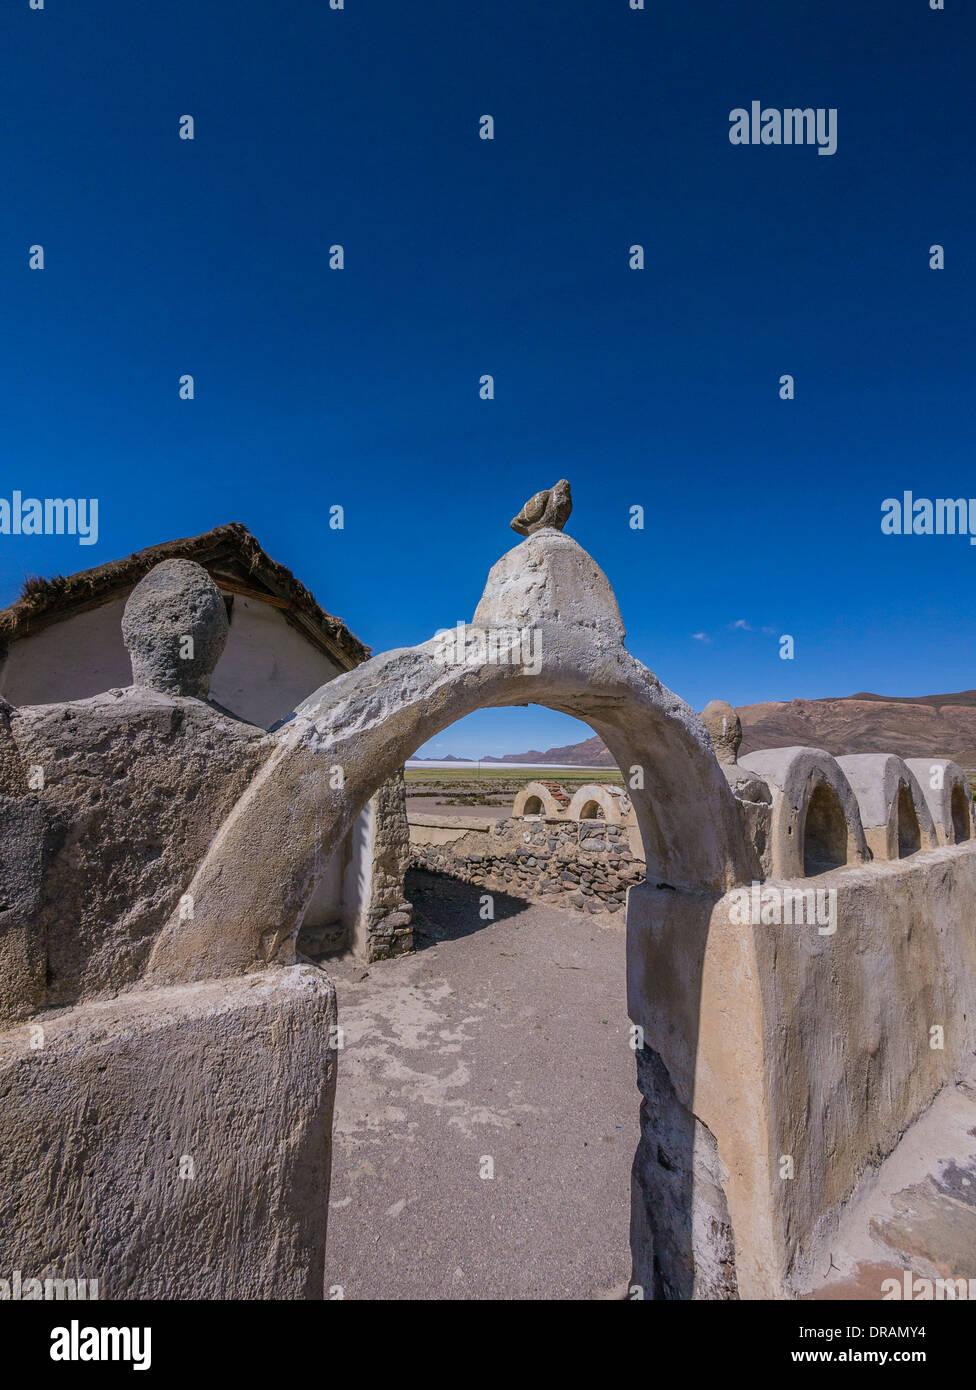 Eine einfache alte Adobe Kapelle mit markanten Bögen in der Nähe von Tahua, Bolivien. Stockbild